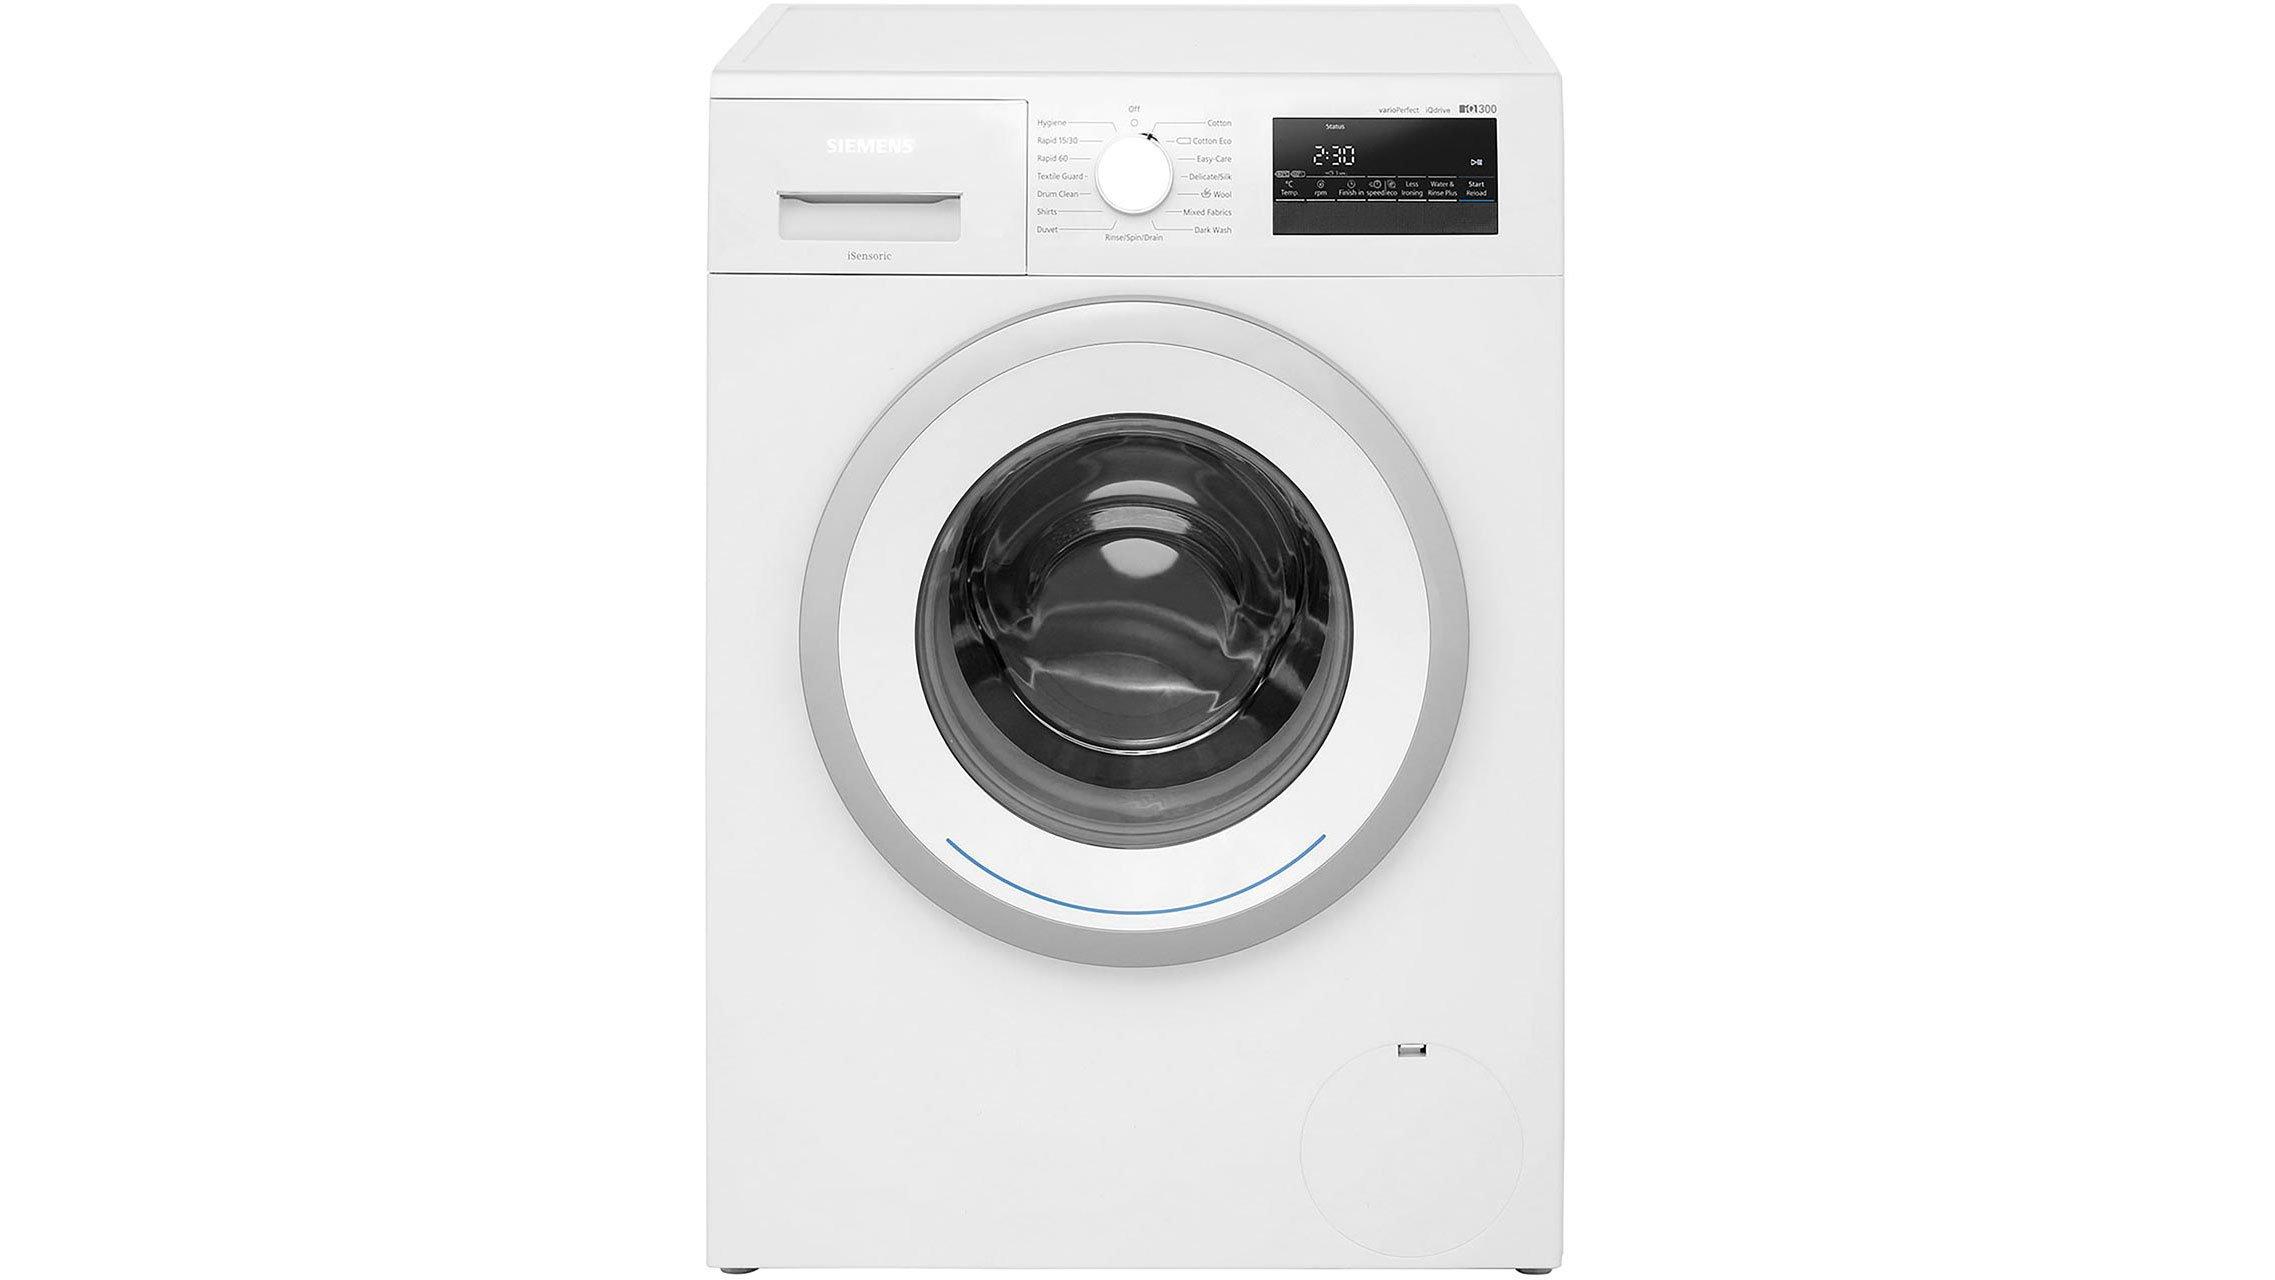 betst washing machine